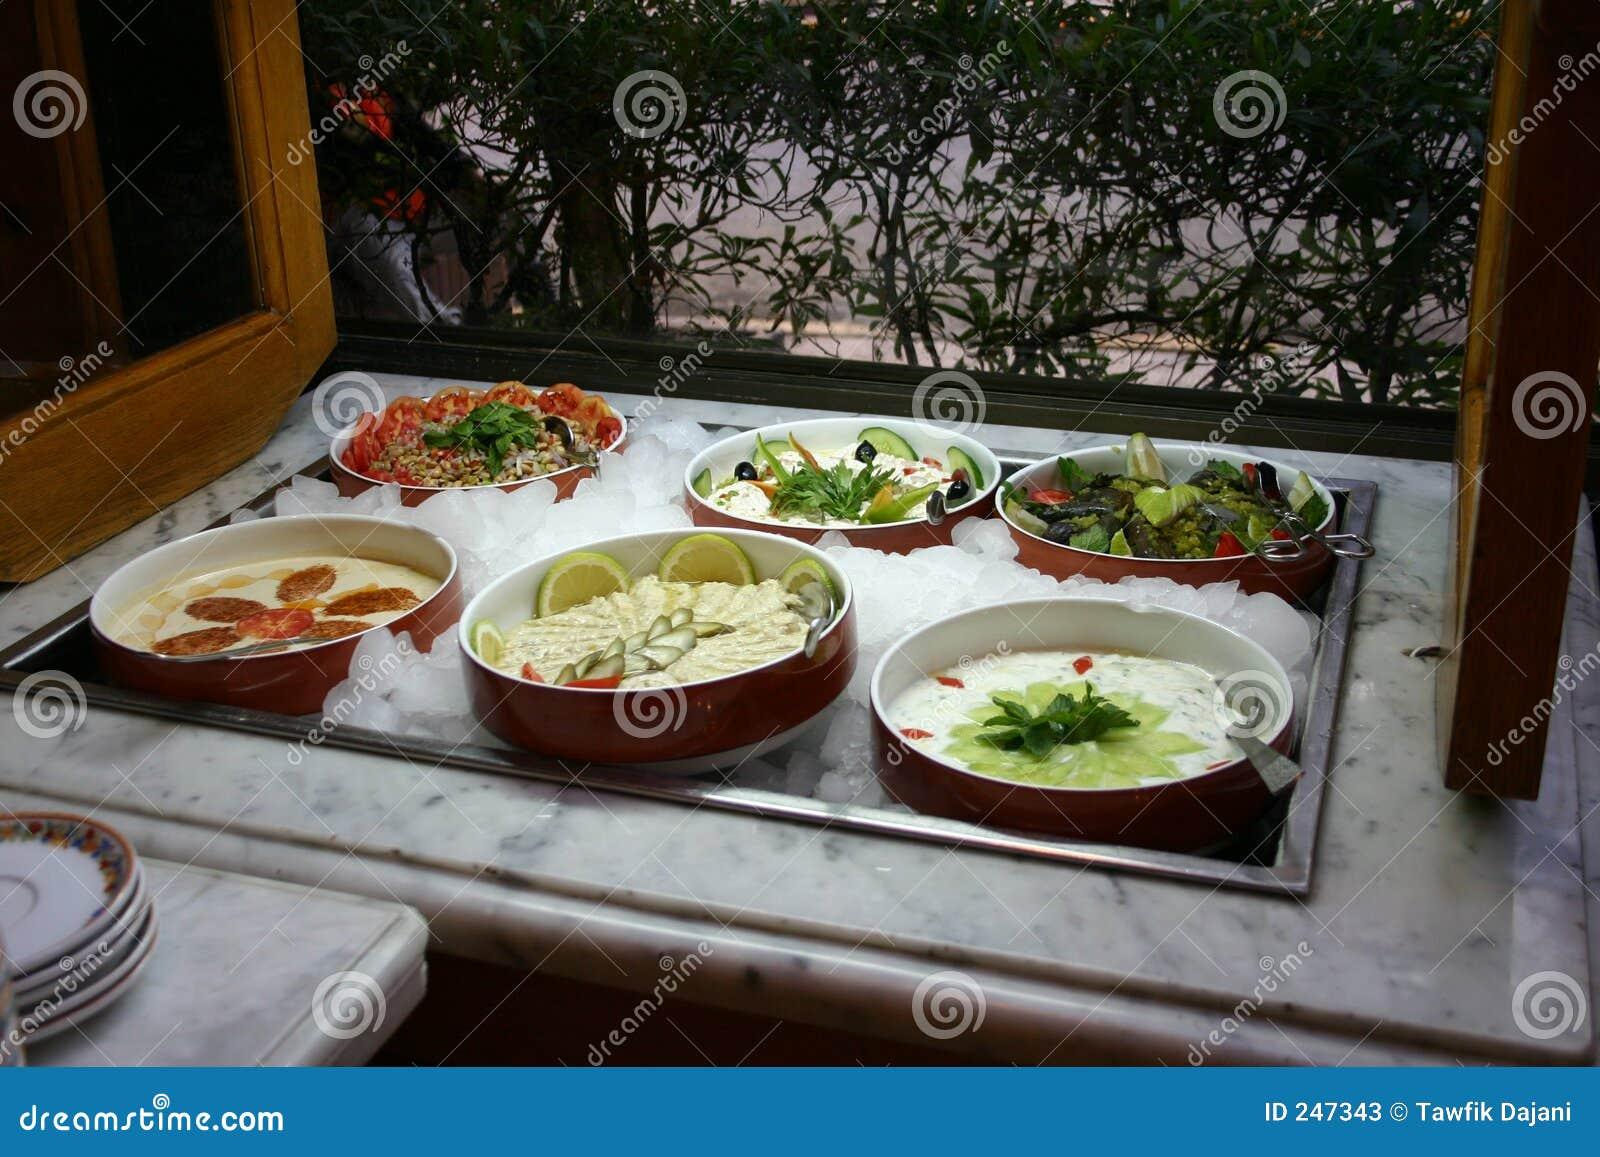 salad bar stock image image of stuffed cold salads. Black Bedroom Furniture Sets. Home Design Ideas